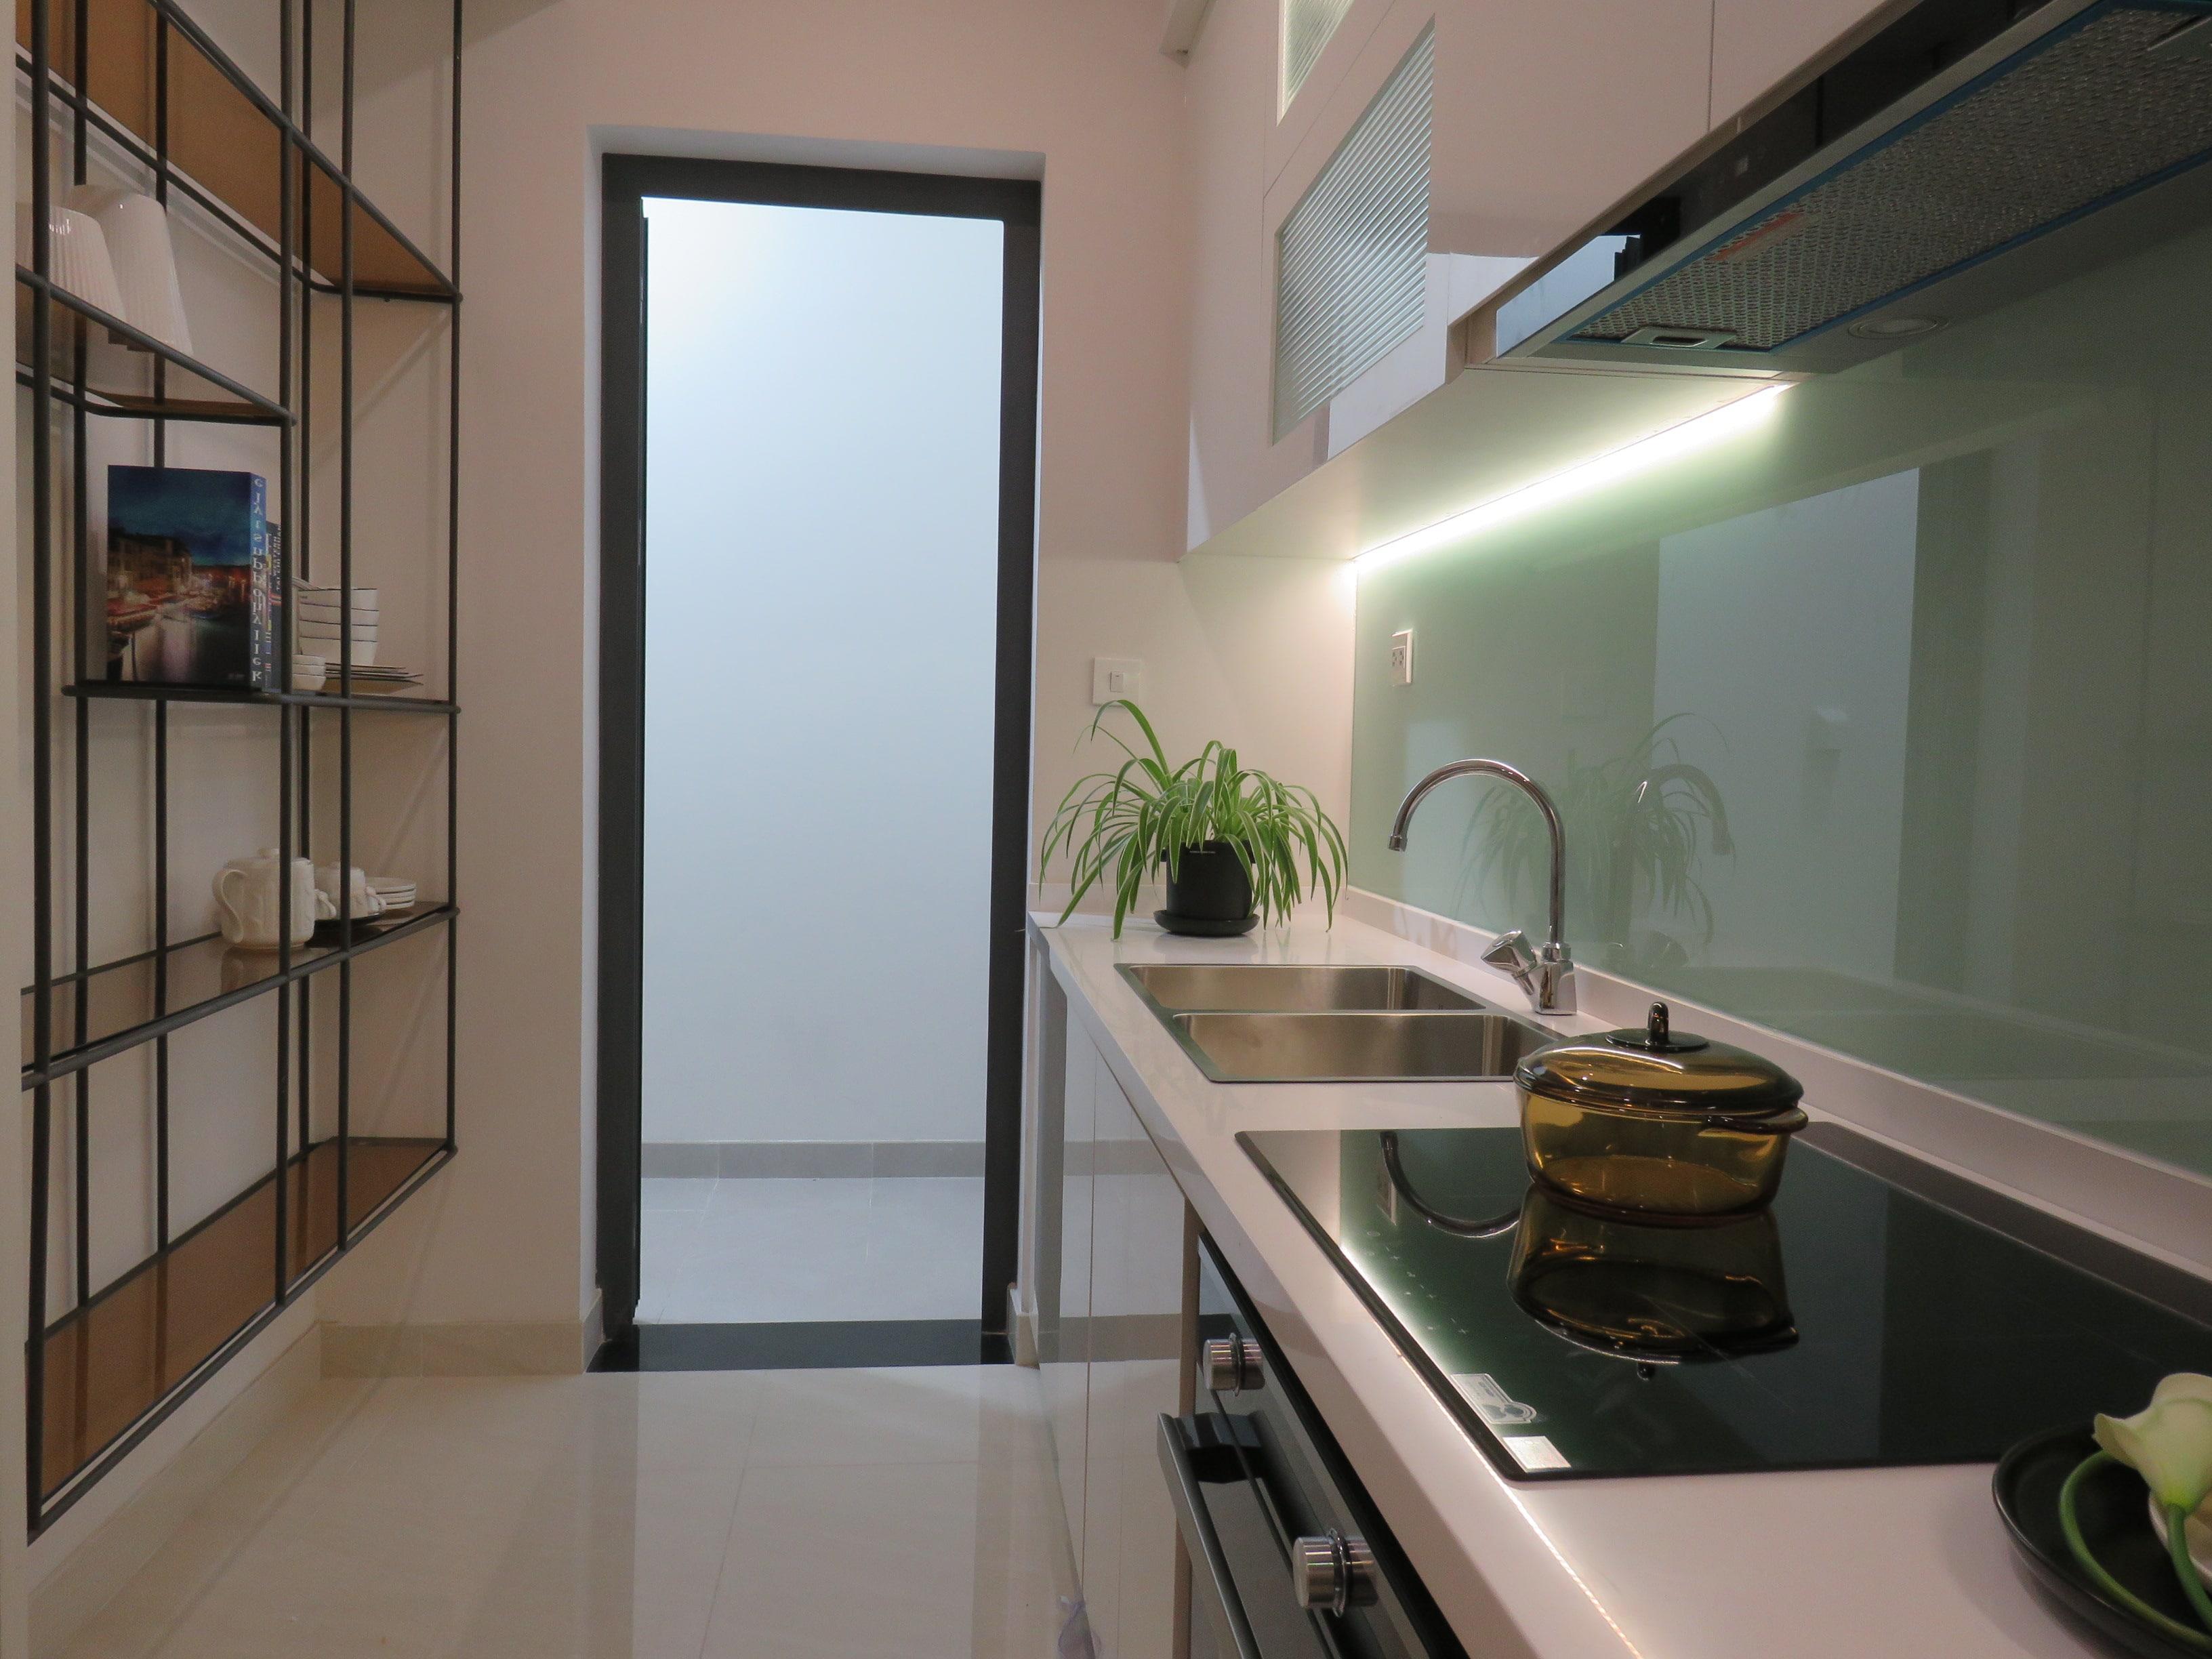 Thiết kế bếp đóng dành riêng cho người Việt chỉ có tại căn hộ D-Homme